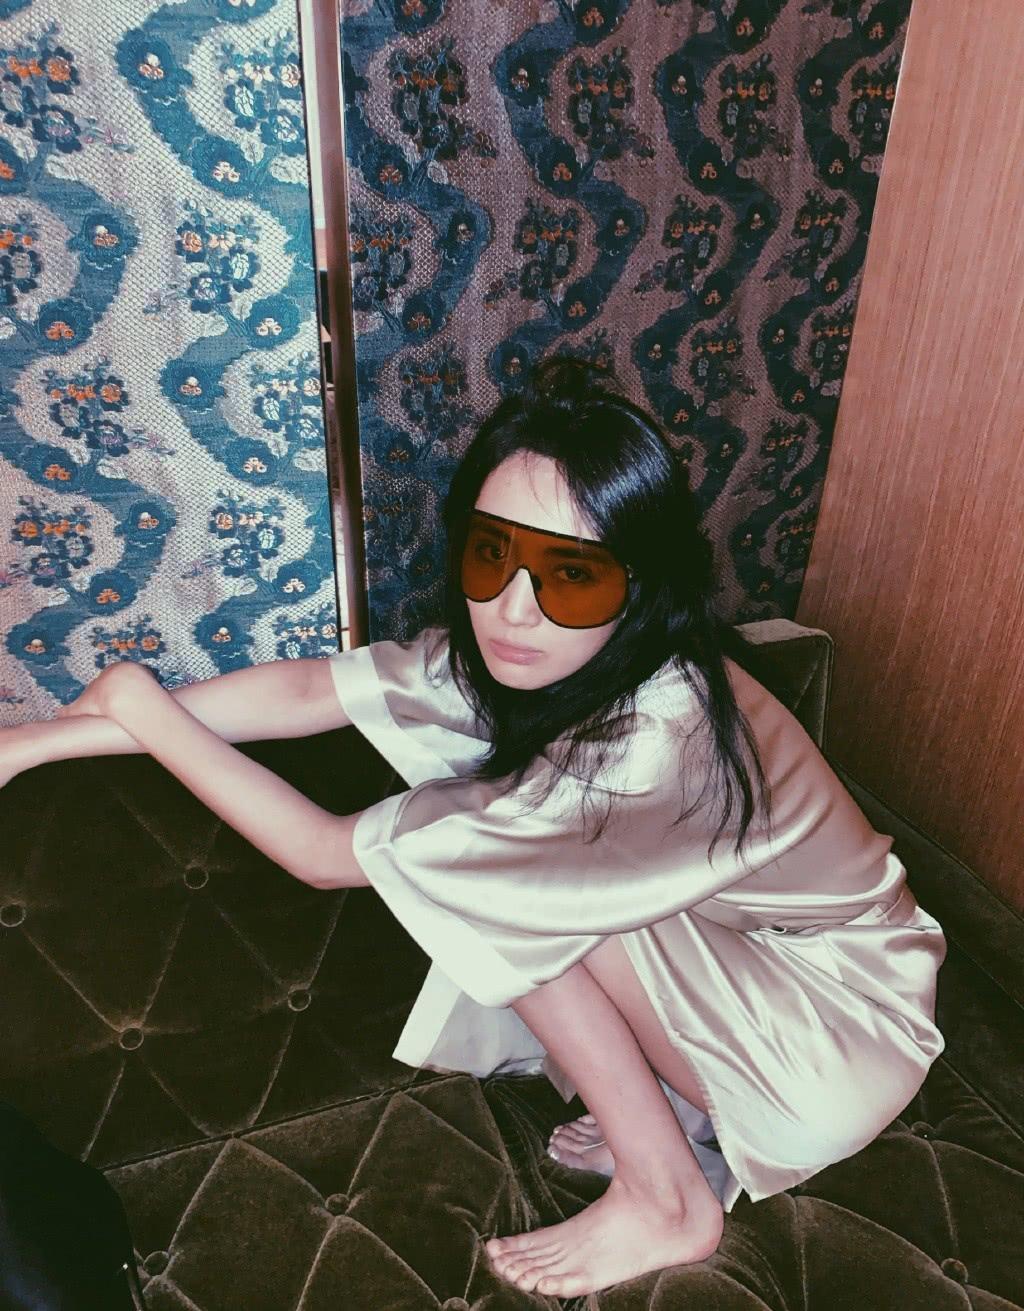 她与李现主演《河神》,今穿v领丝质睡袍,赤脚拍照尽显活力性感